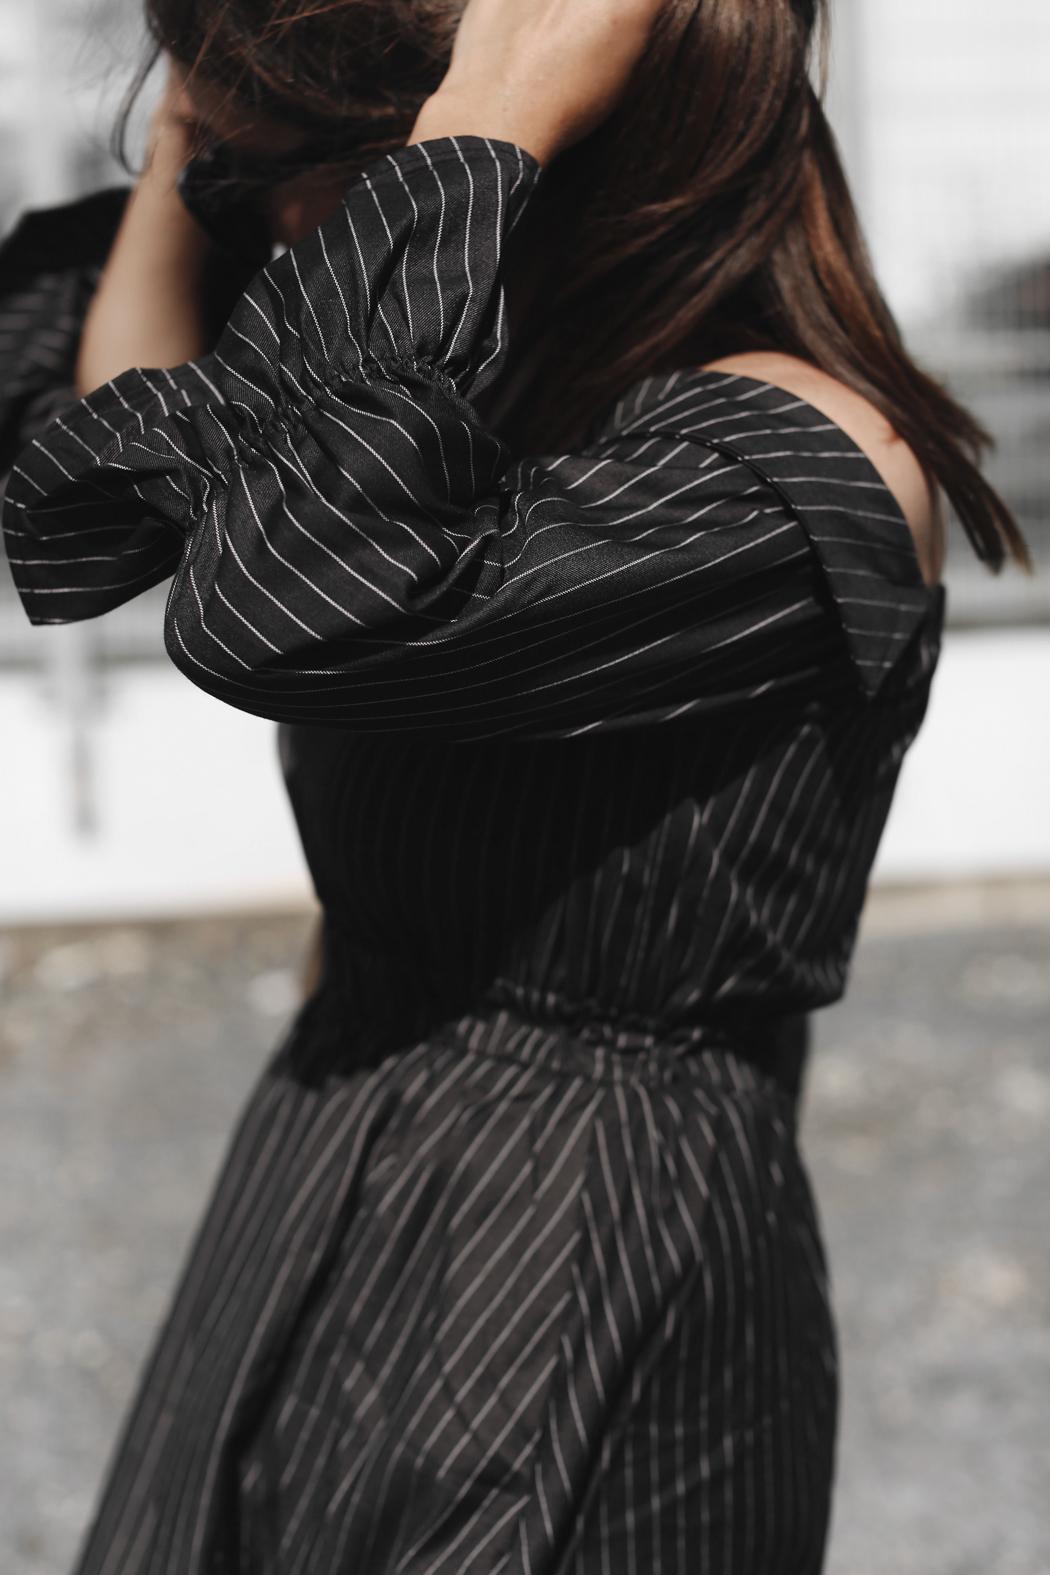 The Dashing Rider Pinstripe Dress